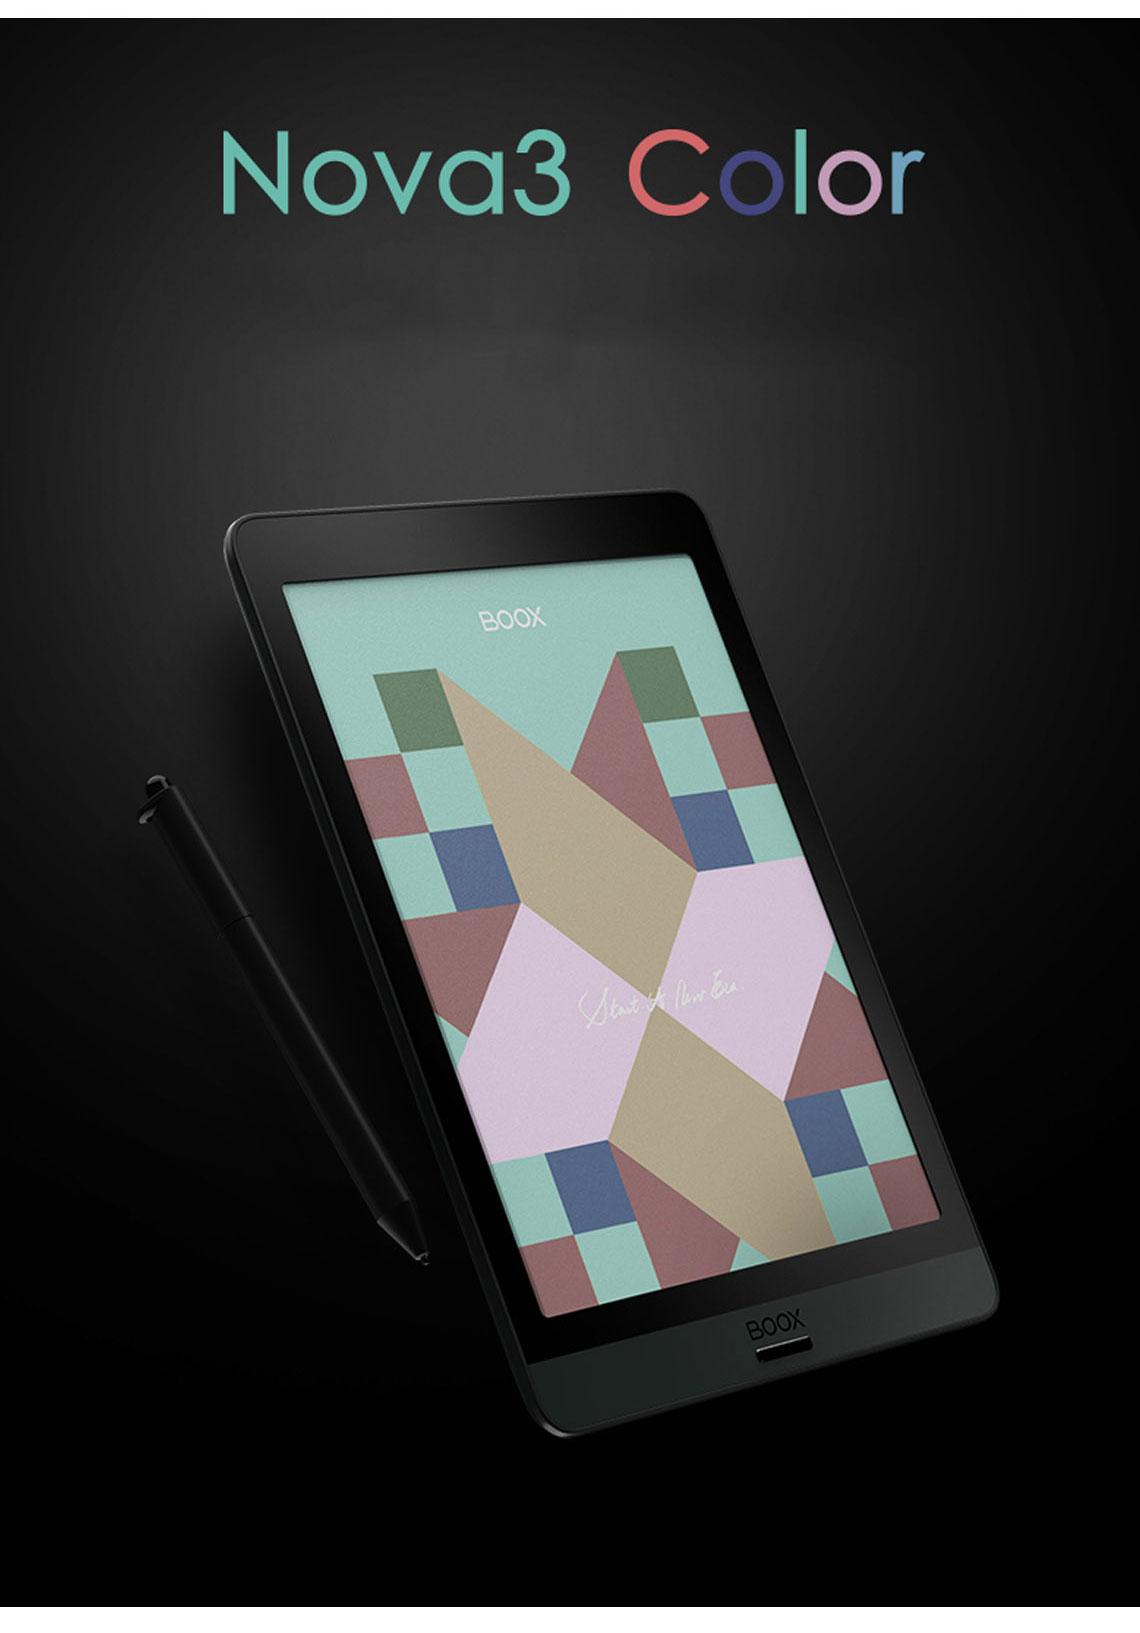 文石 BOOX Nova3 Color 7.8 吋 彩色電子閱讀器